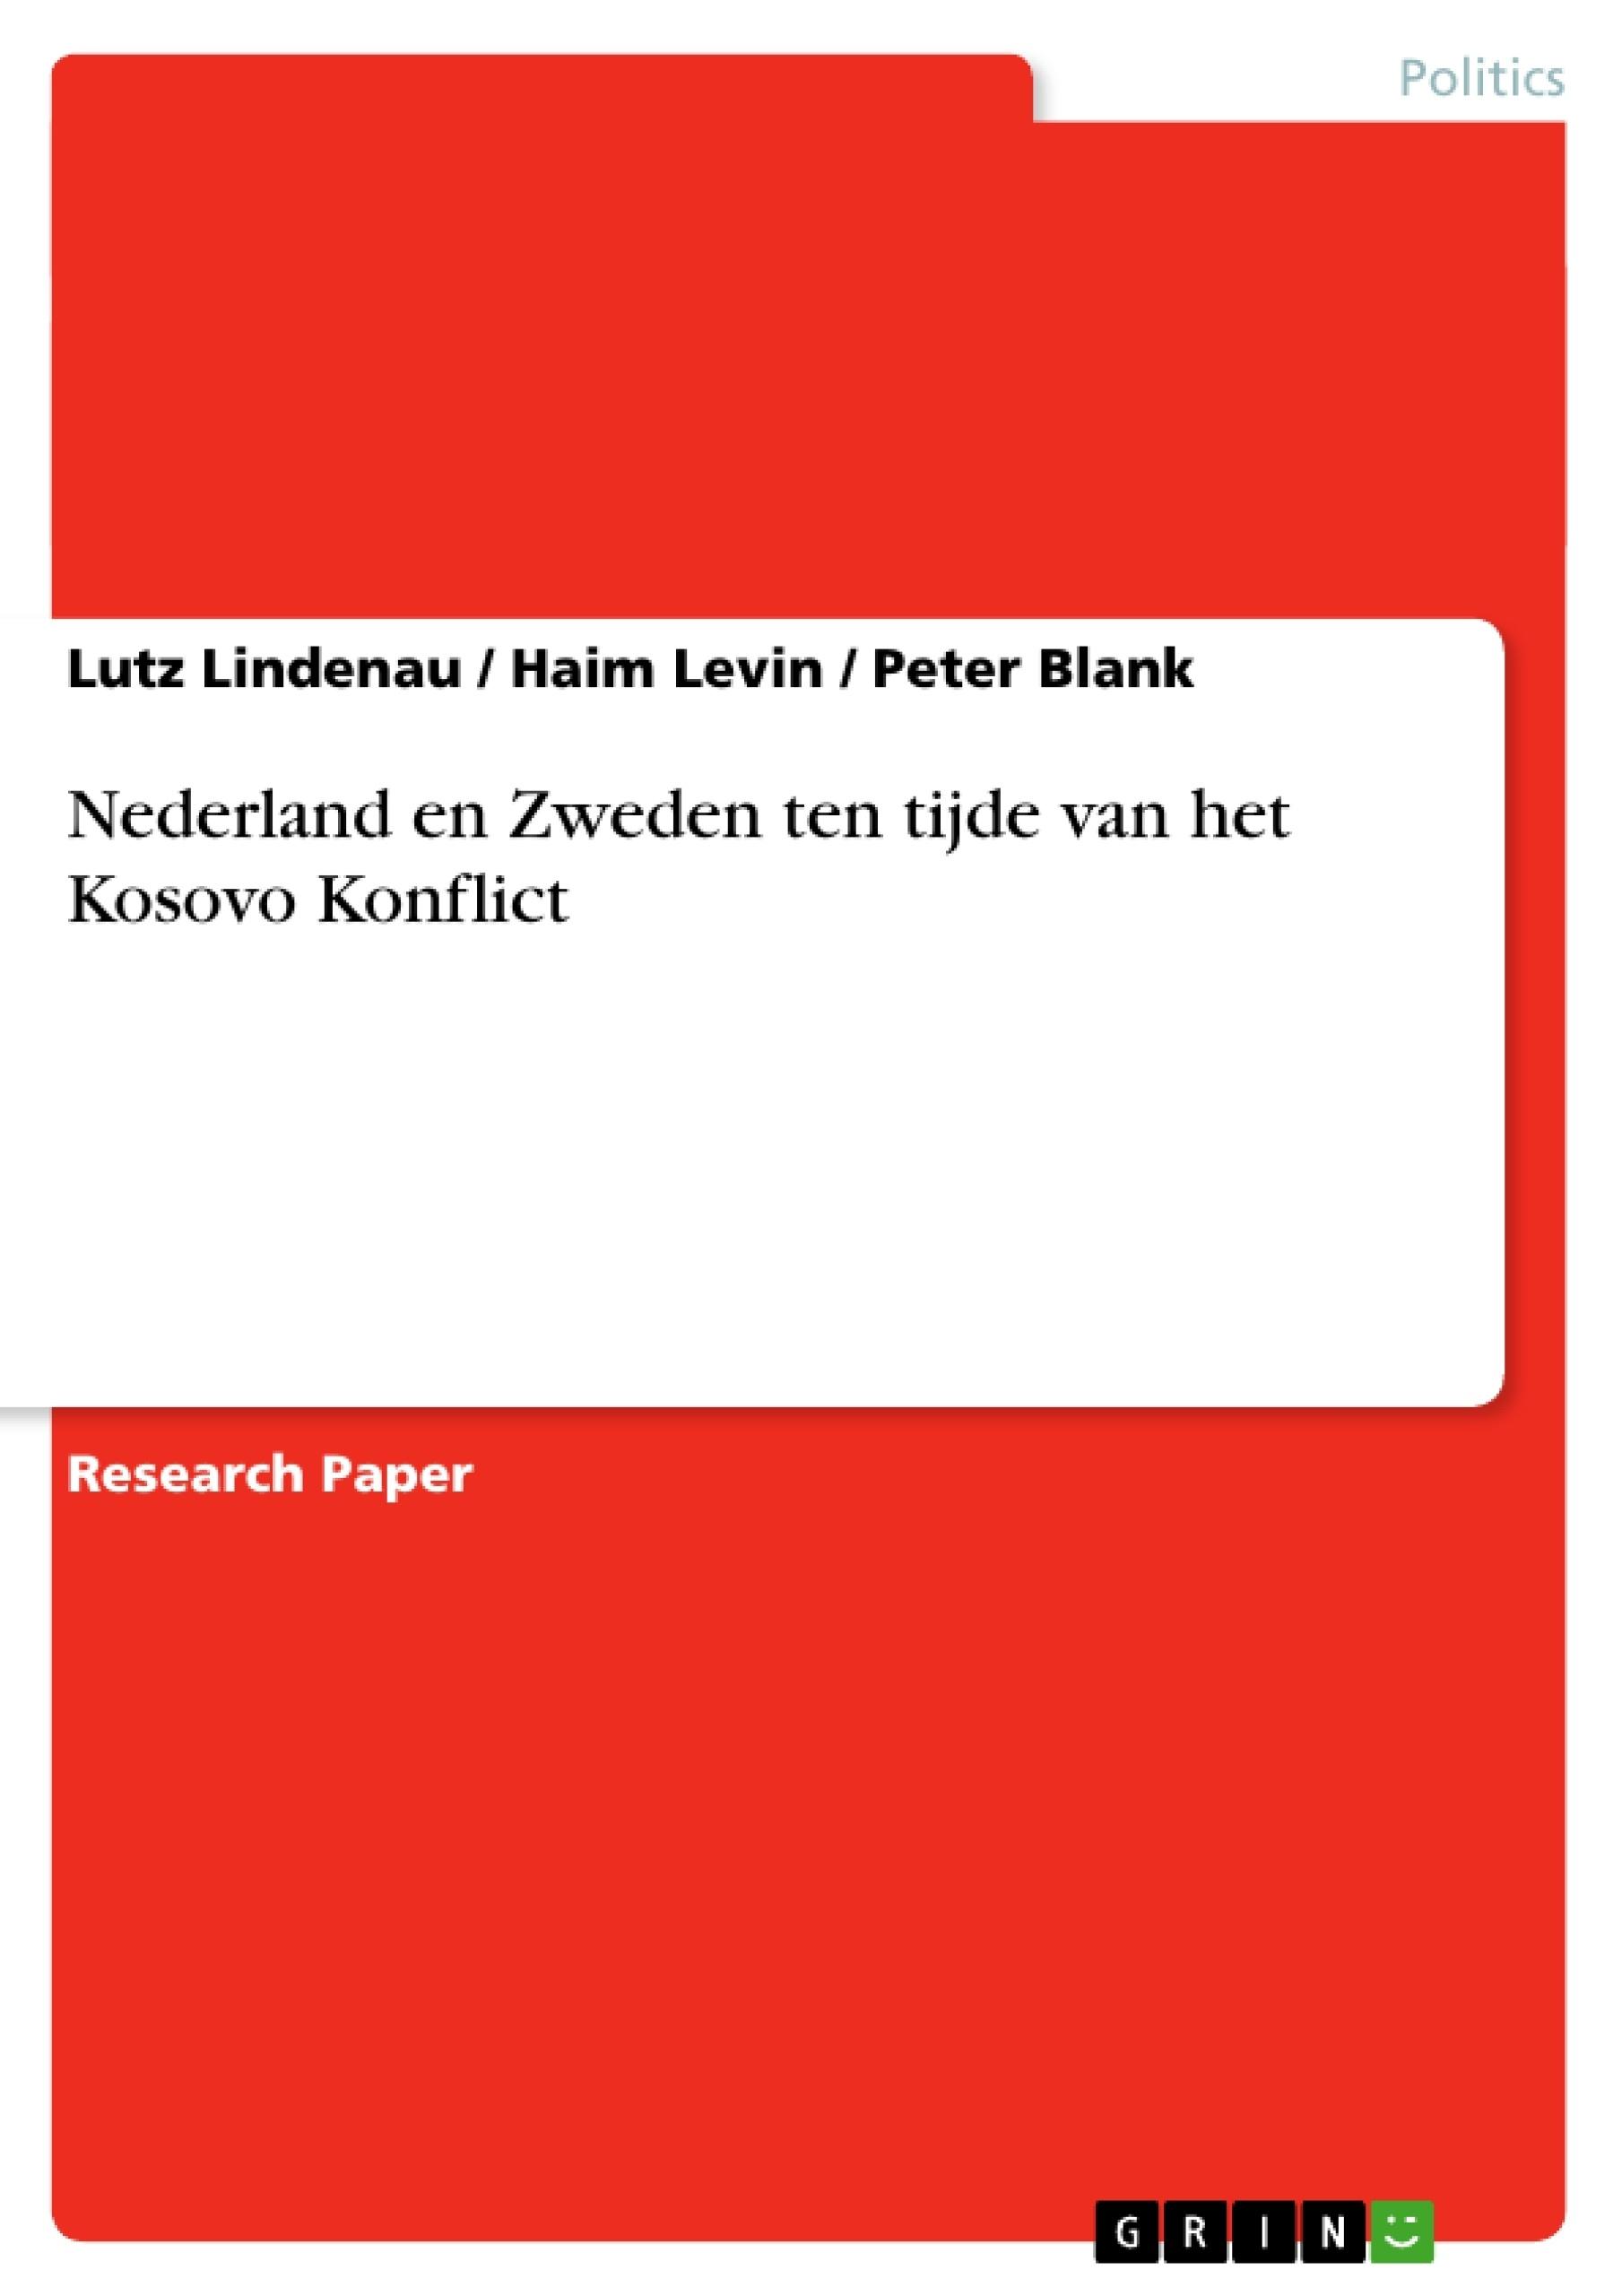 Title: Nederland en Zweden ten tijde van het Kosovo Konflict